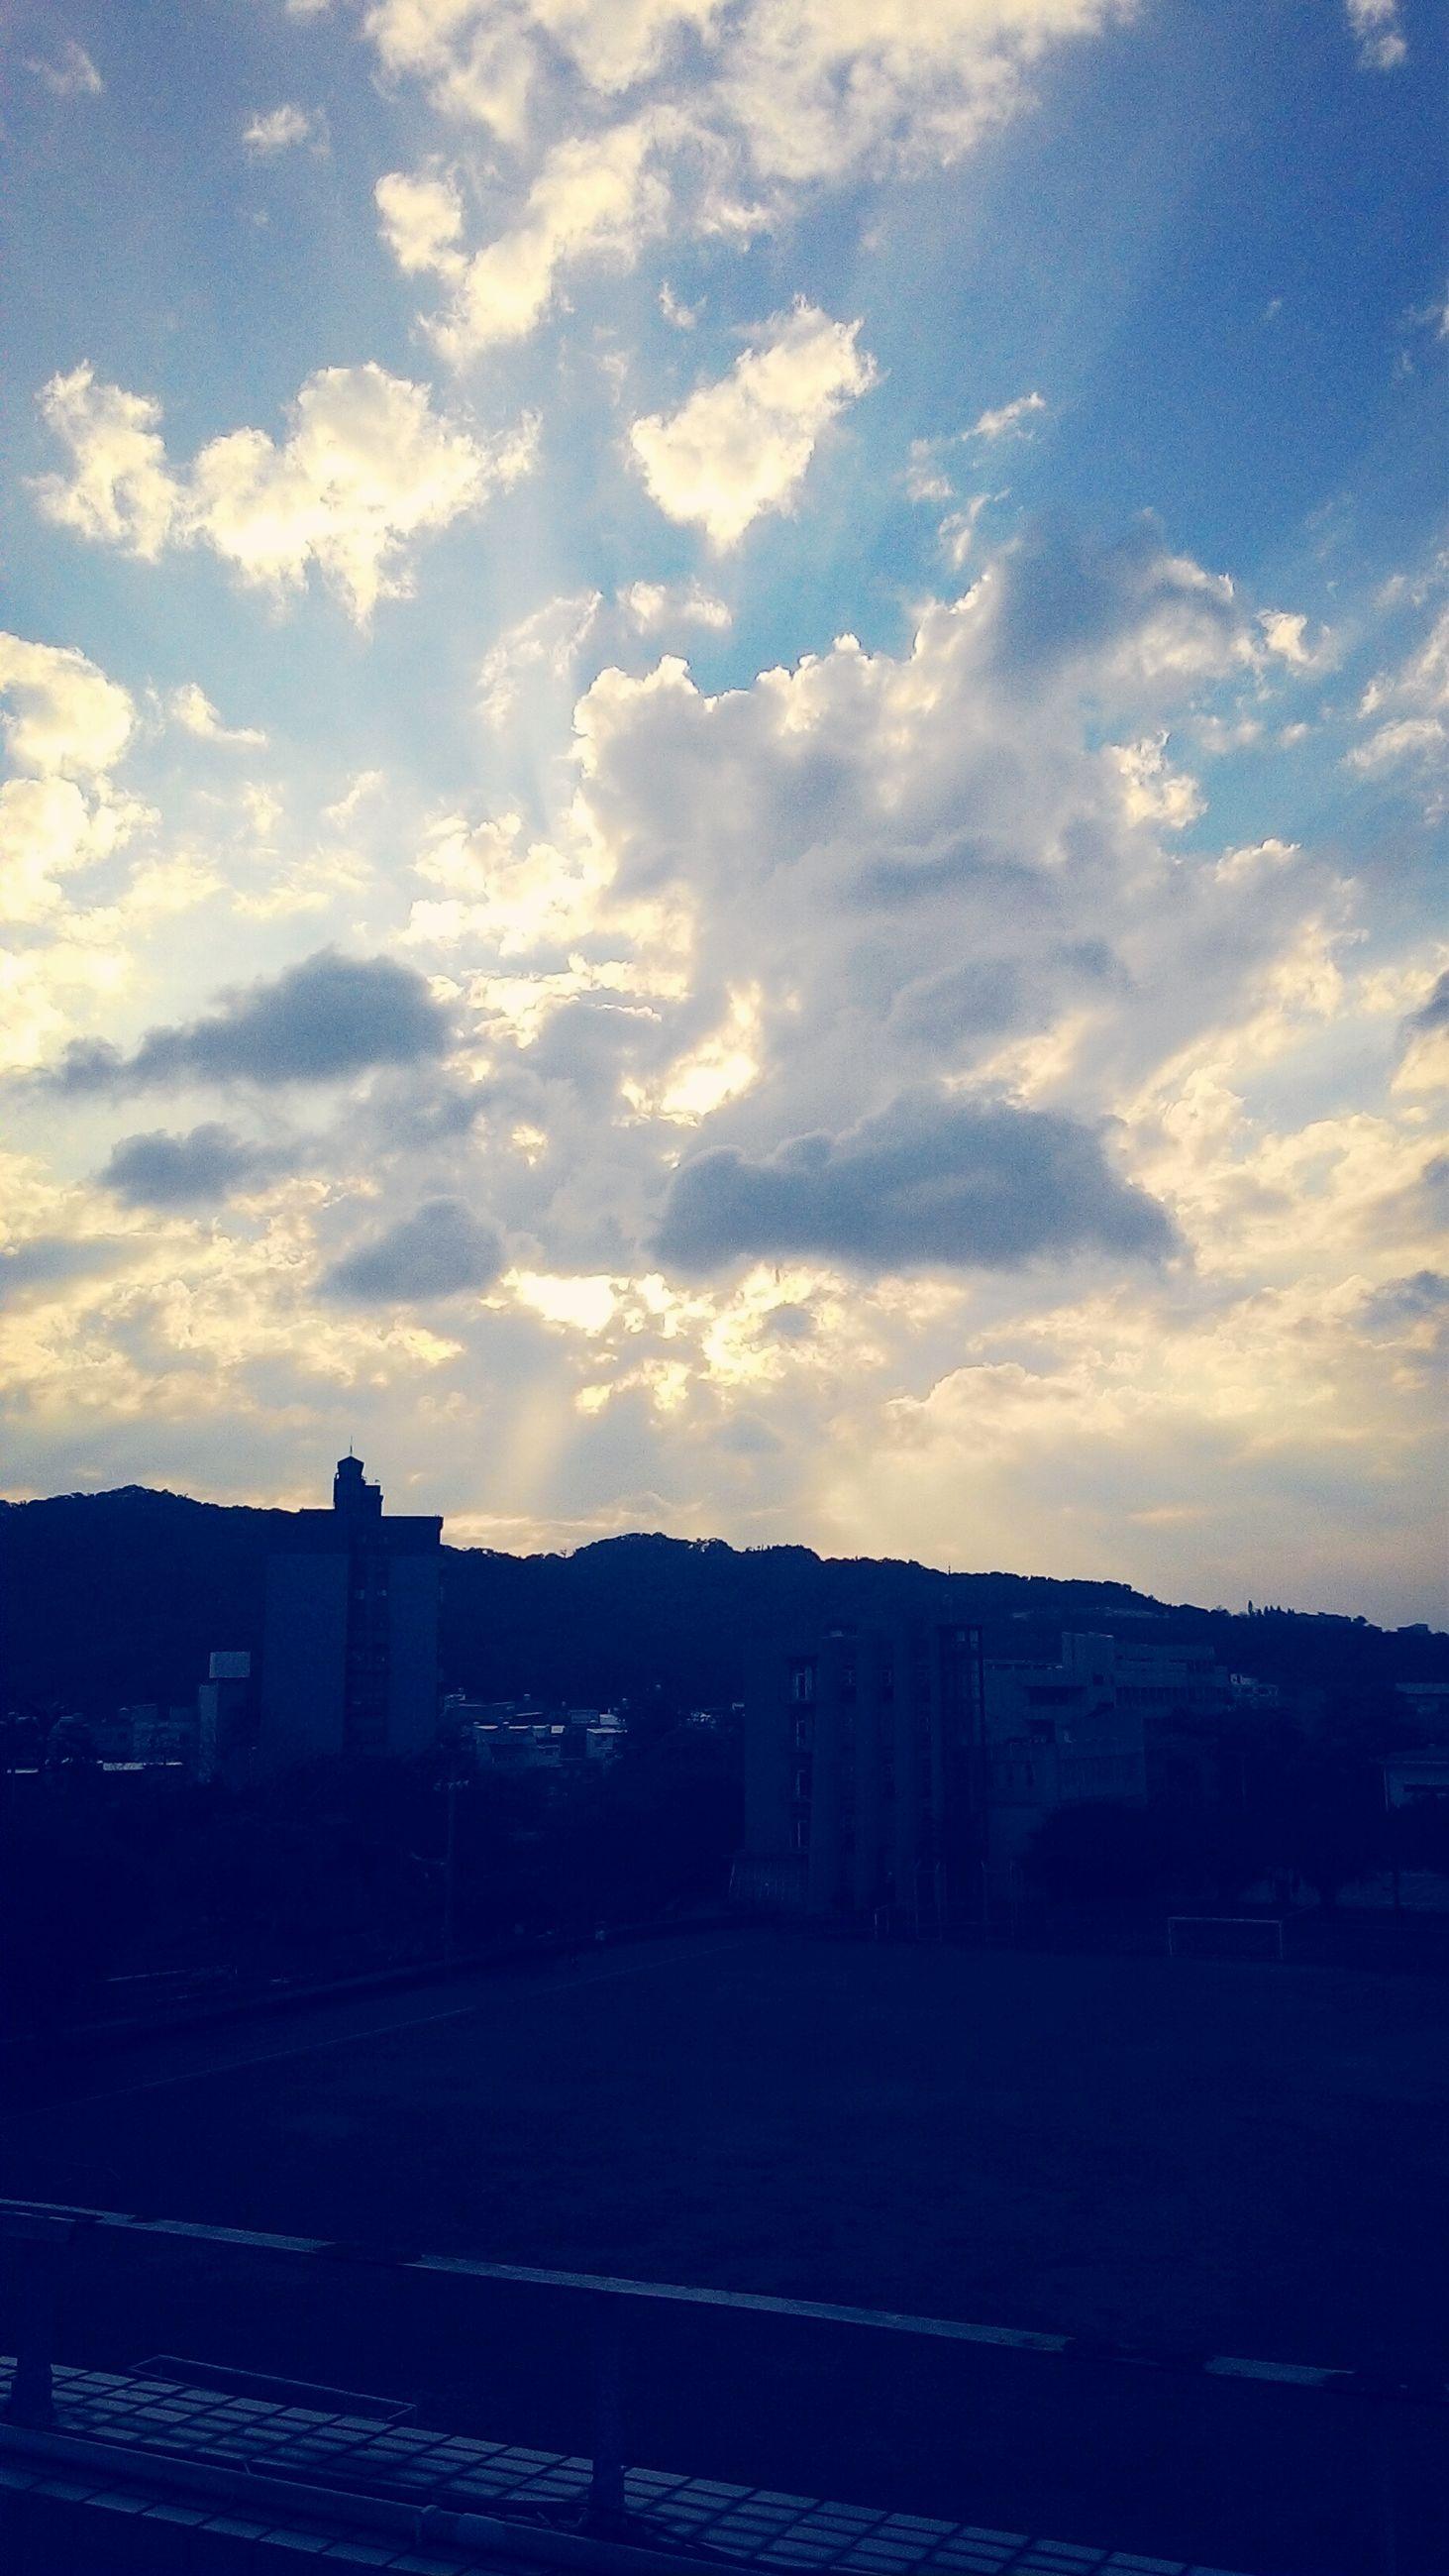 building exterior, architecture, built structure, sky, cloud - sky, sunset, silhouette, house, cloud, residential structure, residential building, city, outdoors, landscape, no people, cloudy, dusk, road, nature, town